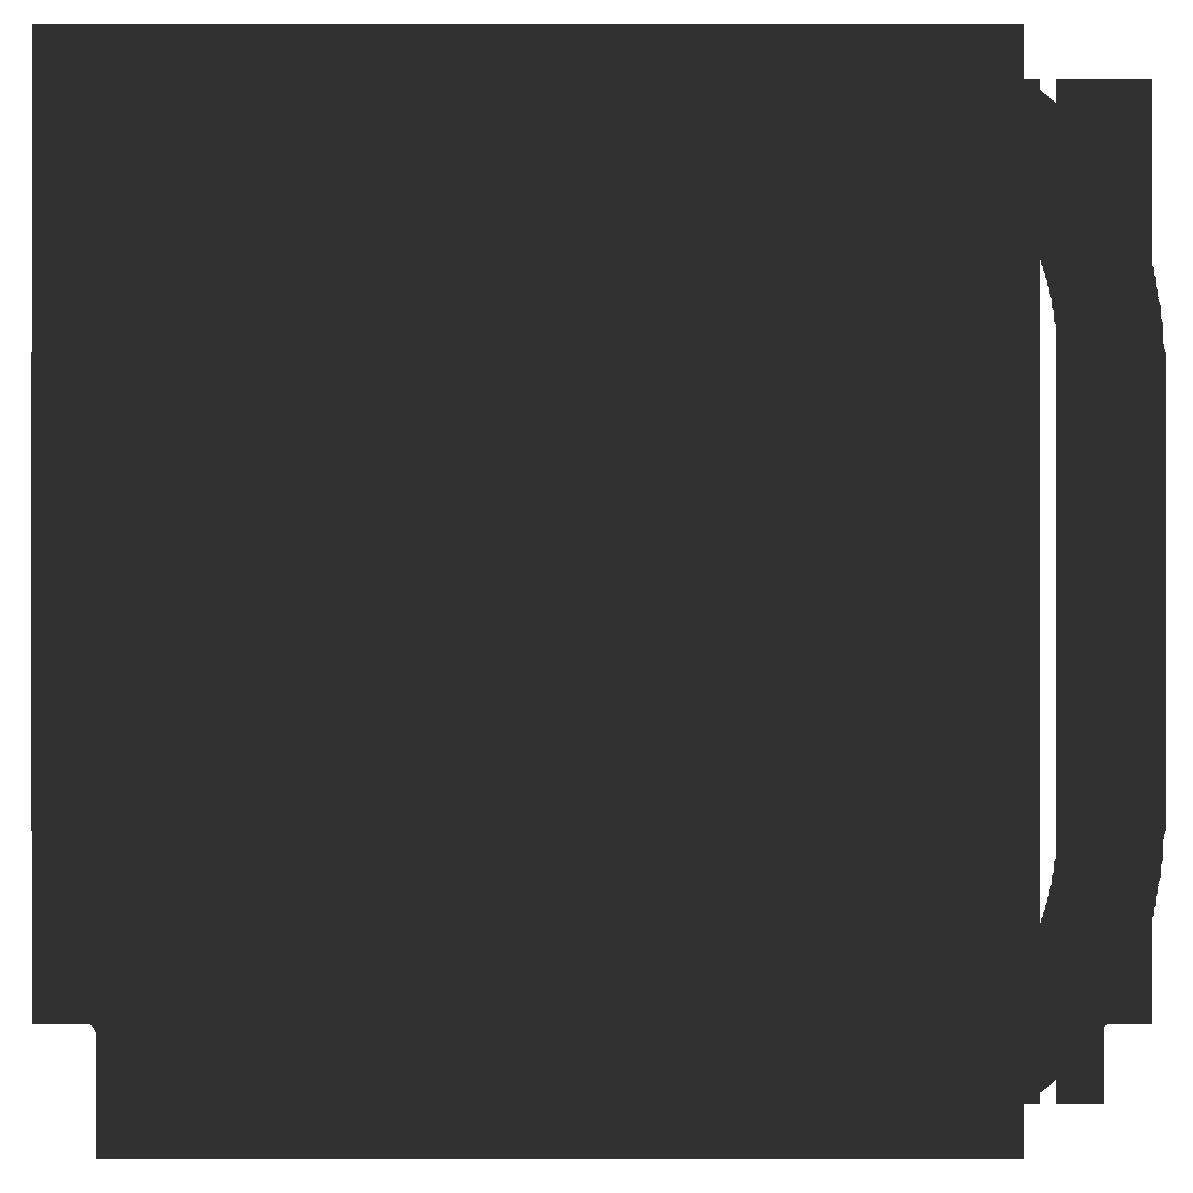 Farmacia_Grassi_Cesenatico_instagram_ico01